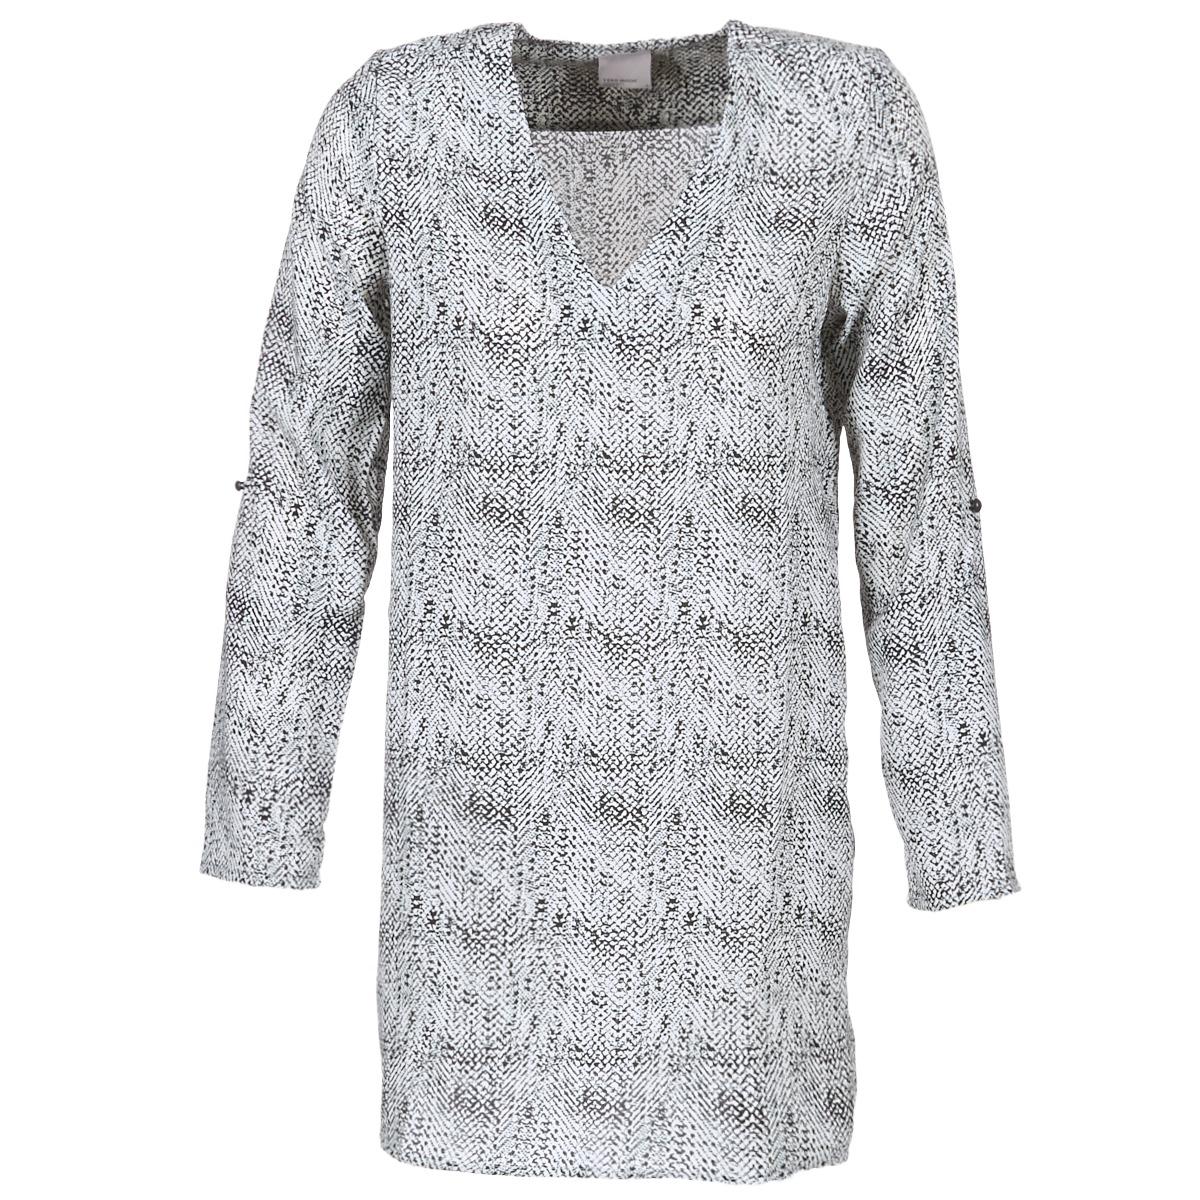 robes courtes vero moda coco noir blanc livraison gratuite avec v tements. Black Bedroom Furniture Sets. Home Design Ideas